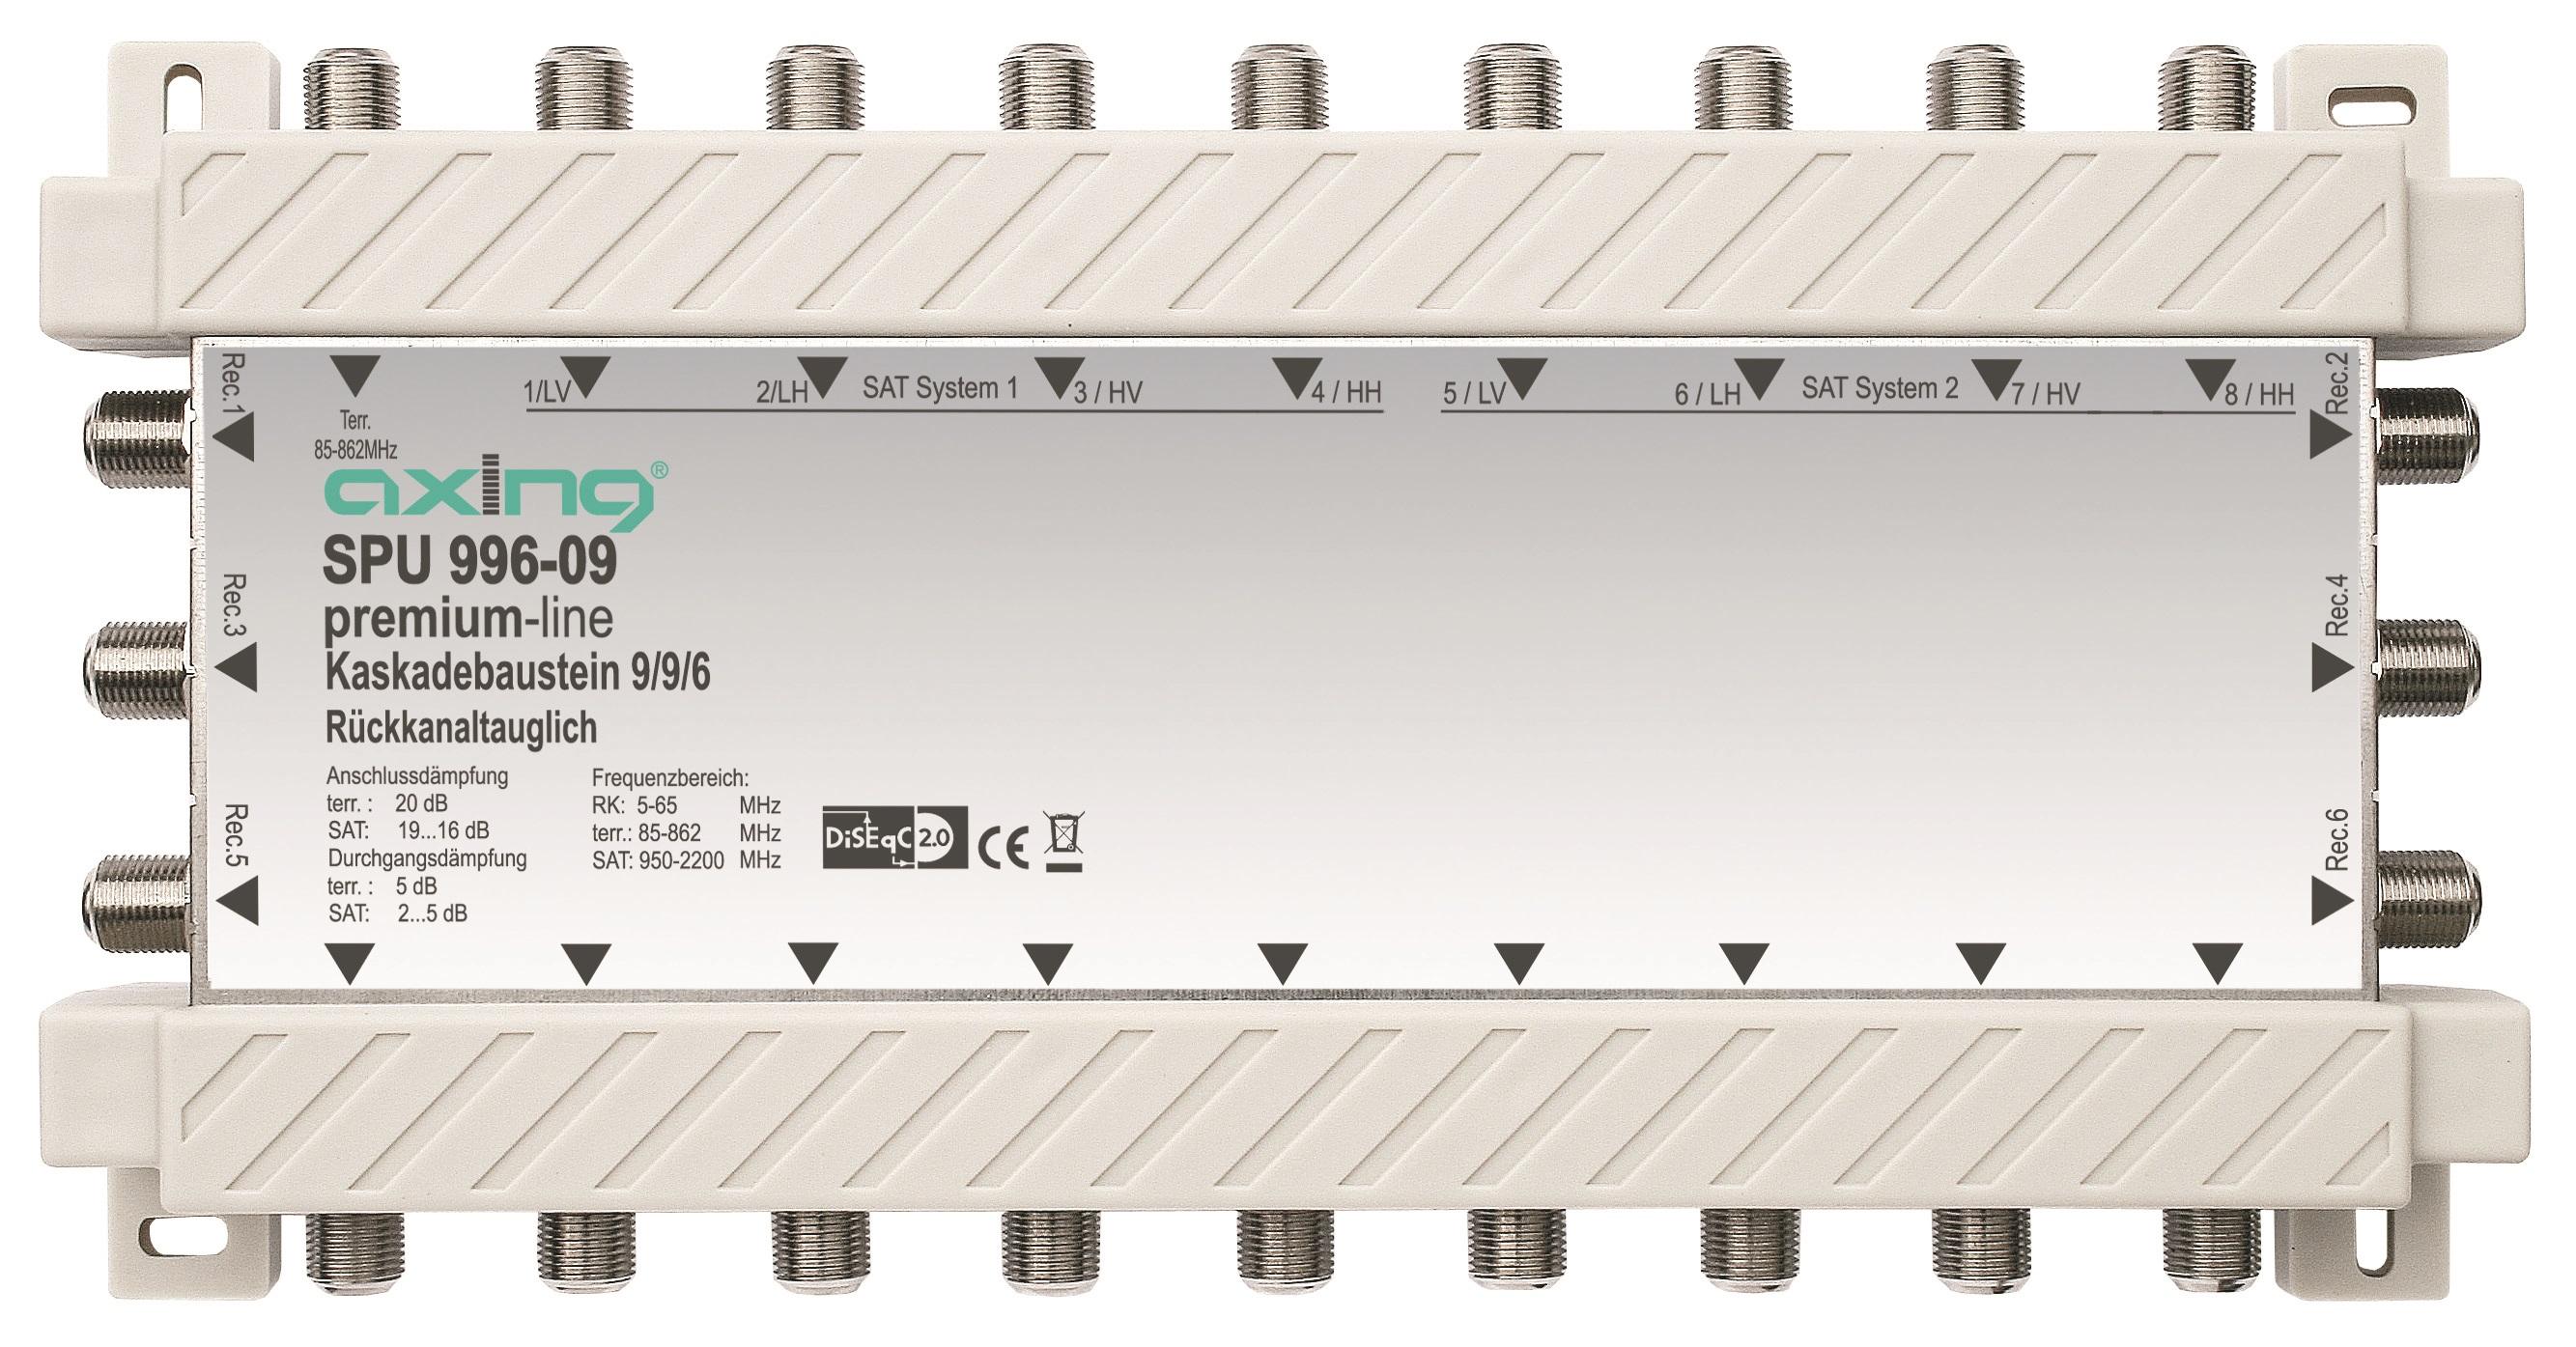 1 Stk SAT Kaskadierbaustein 9 in 6 passiv f. HSATS9xxKA,SPU 996-09 HSATSK906A